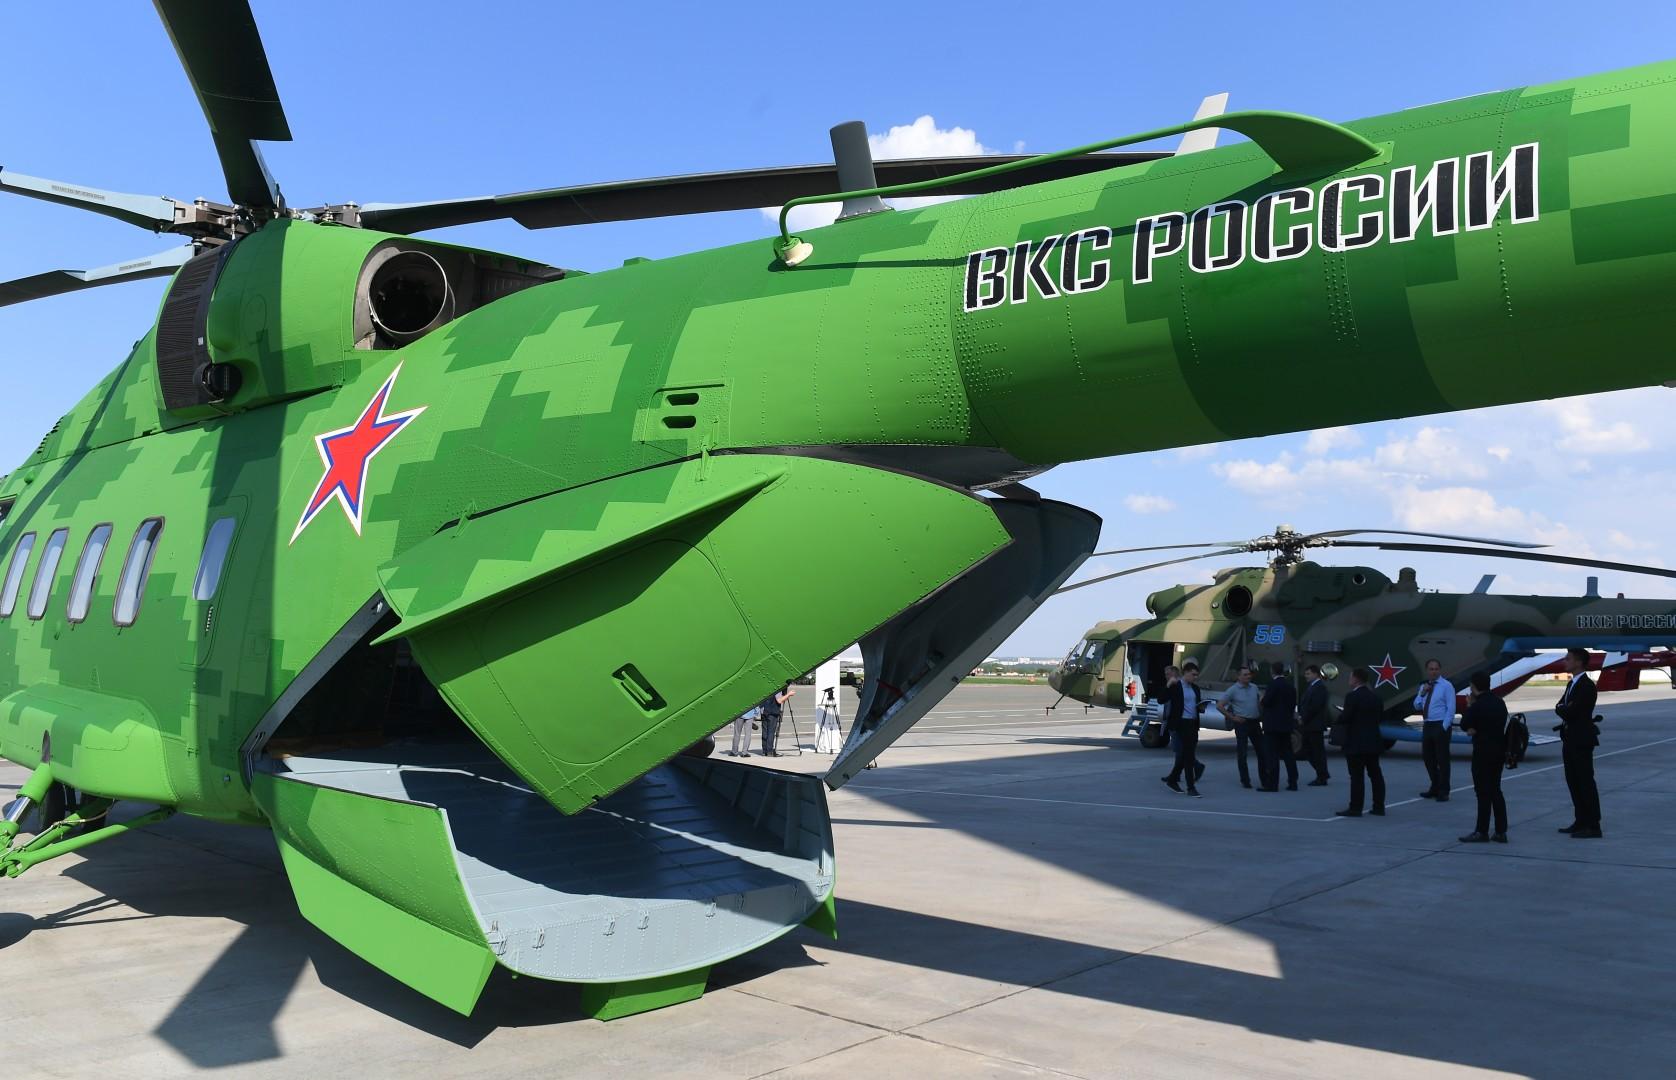 Mi-8/17, Μi-38, Mi-26: News - Page 11 Bk_KZGIAxw8